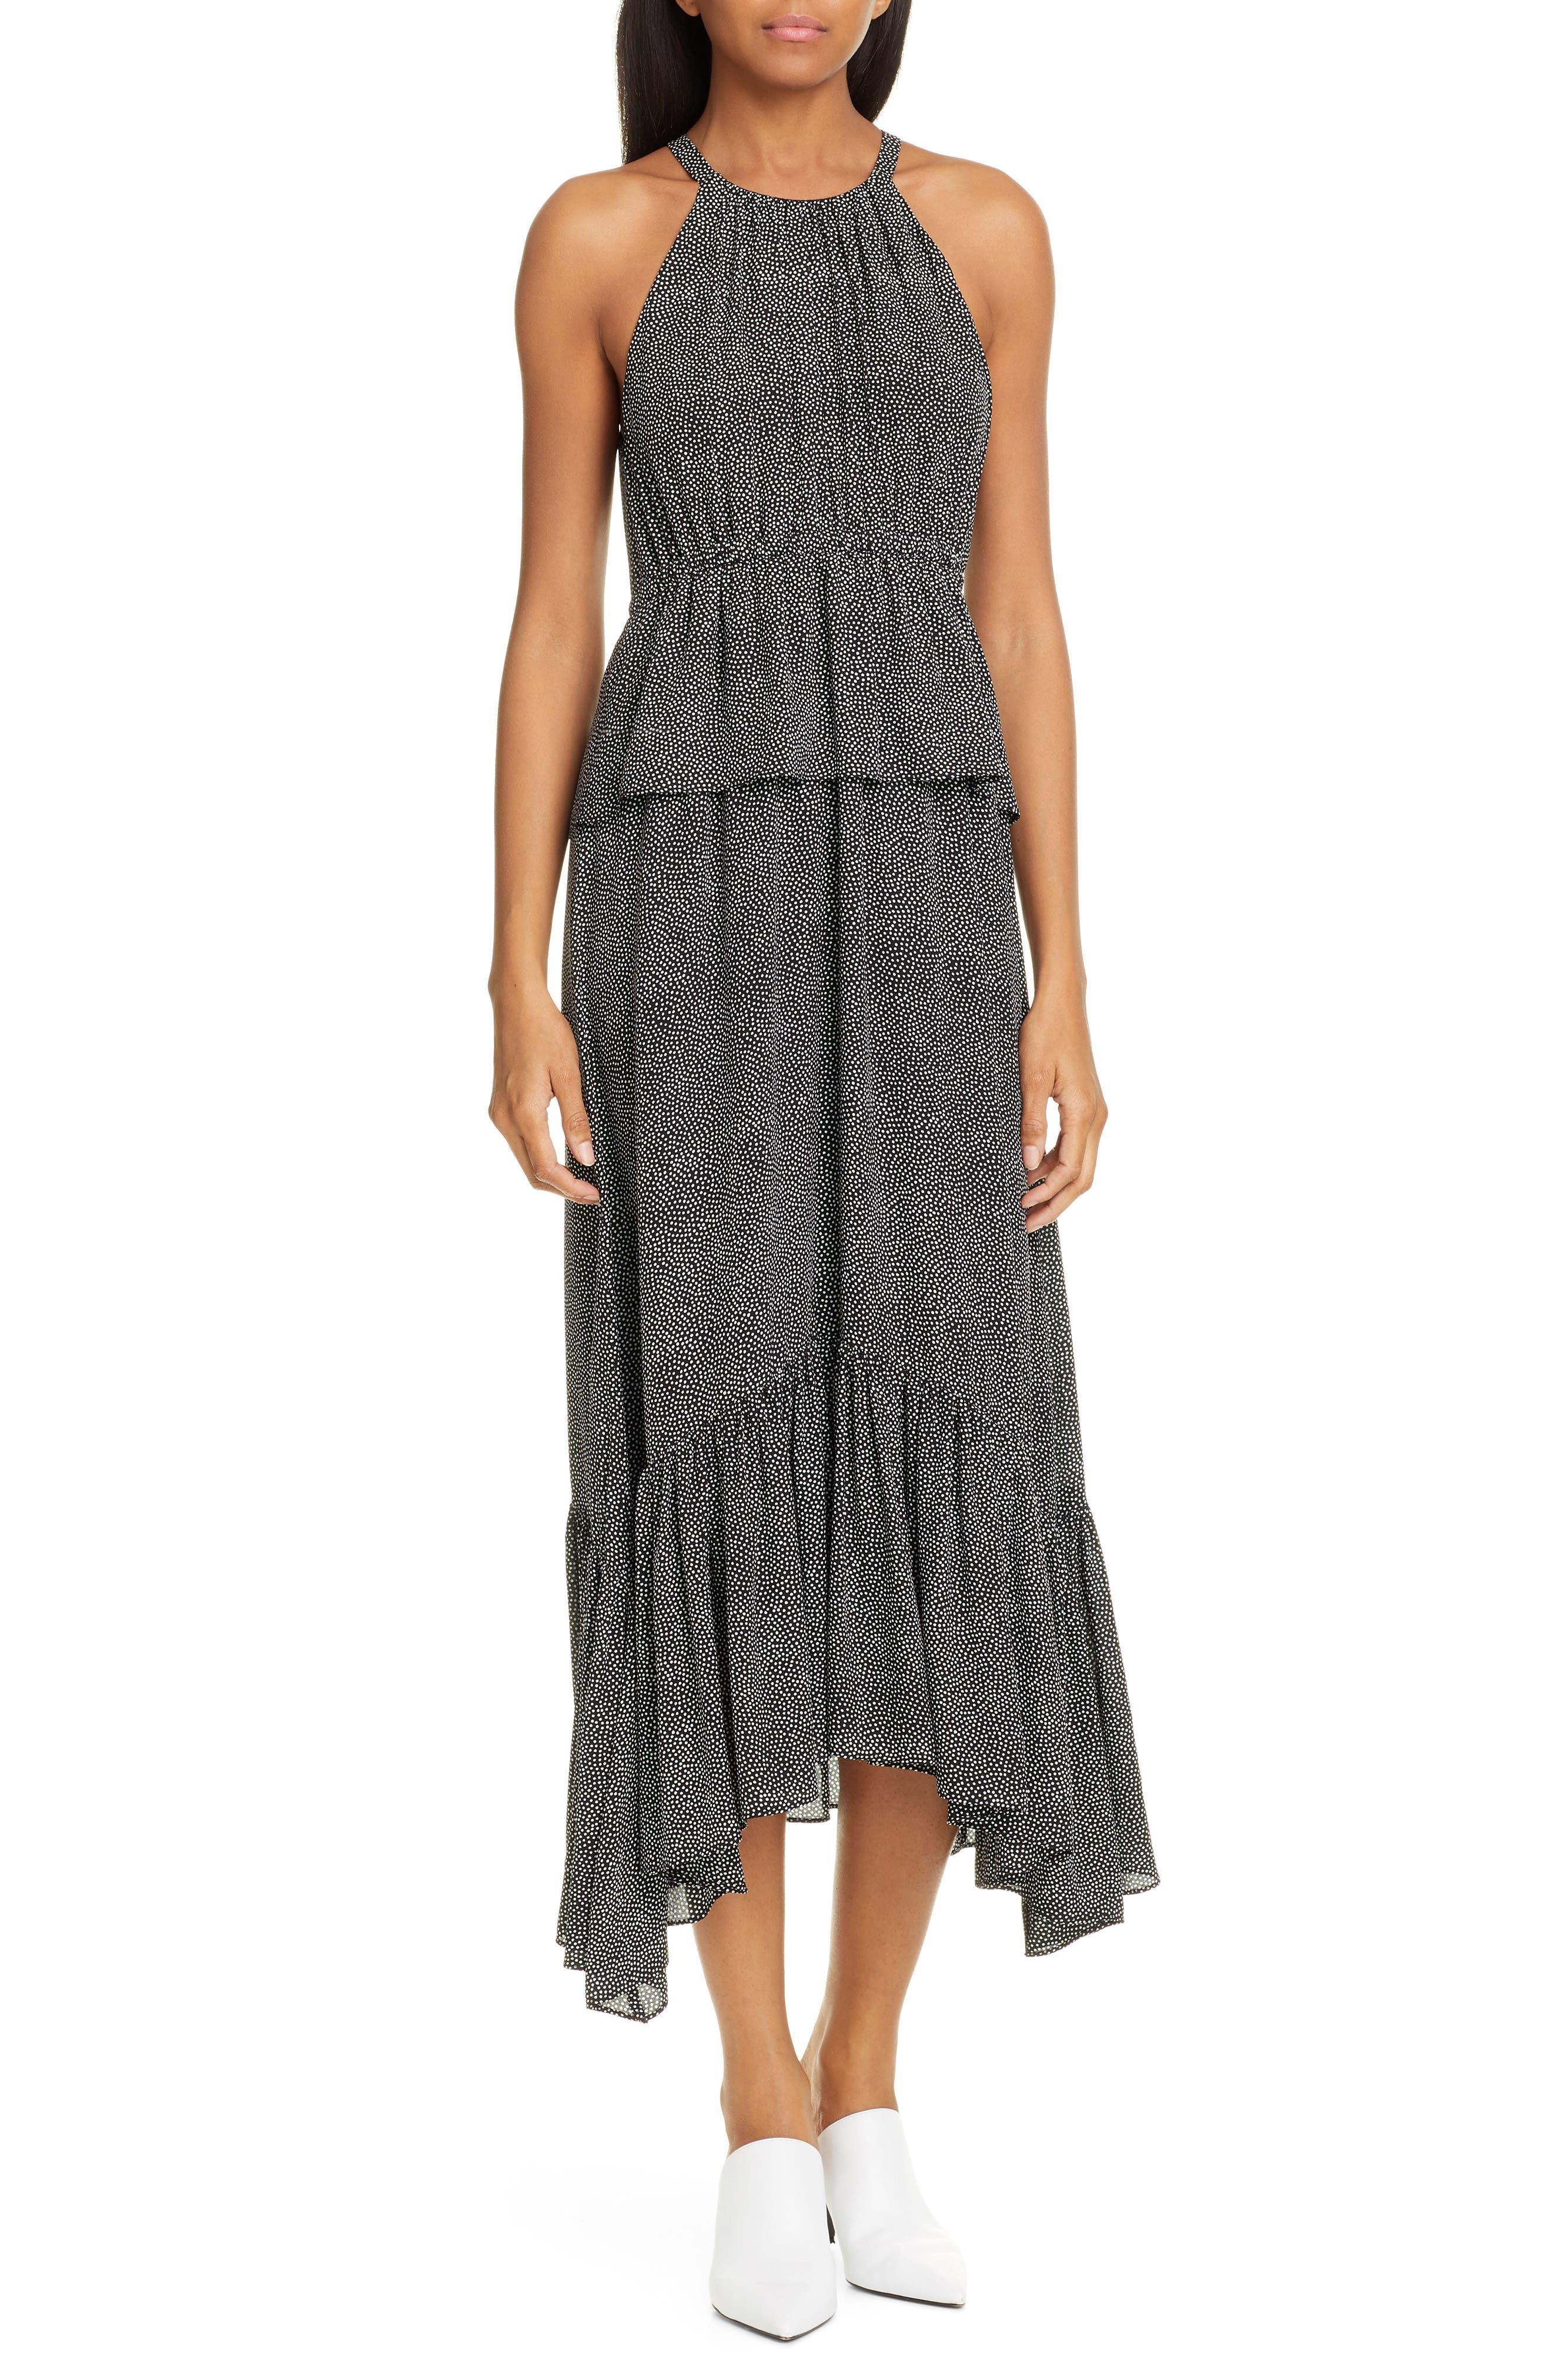 A.l.c. Rosa Polka Dot Silk Dress, Black